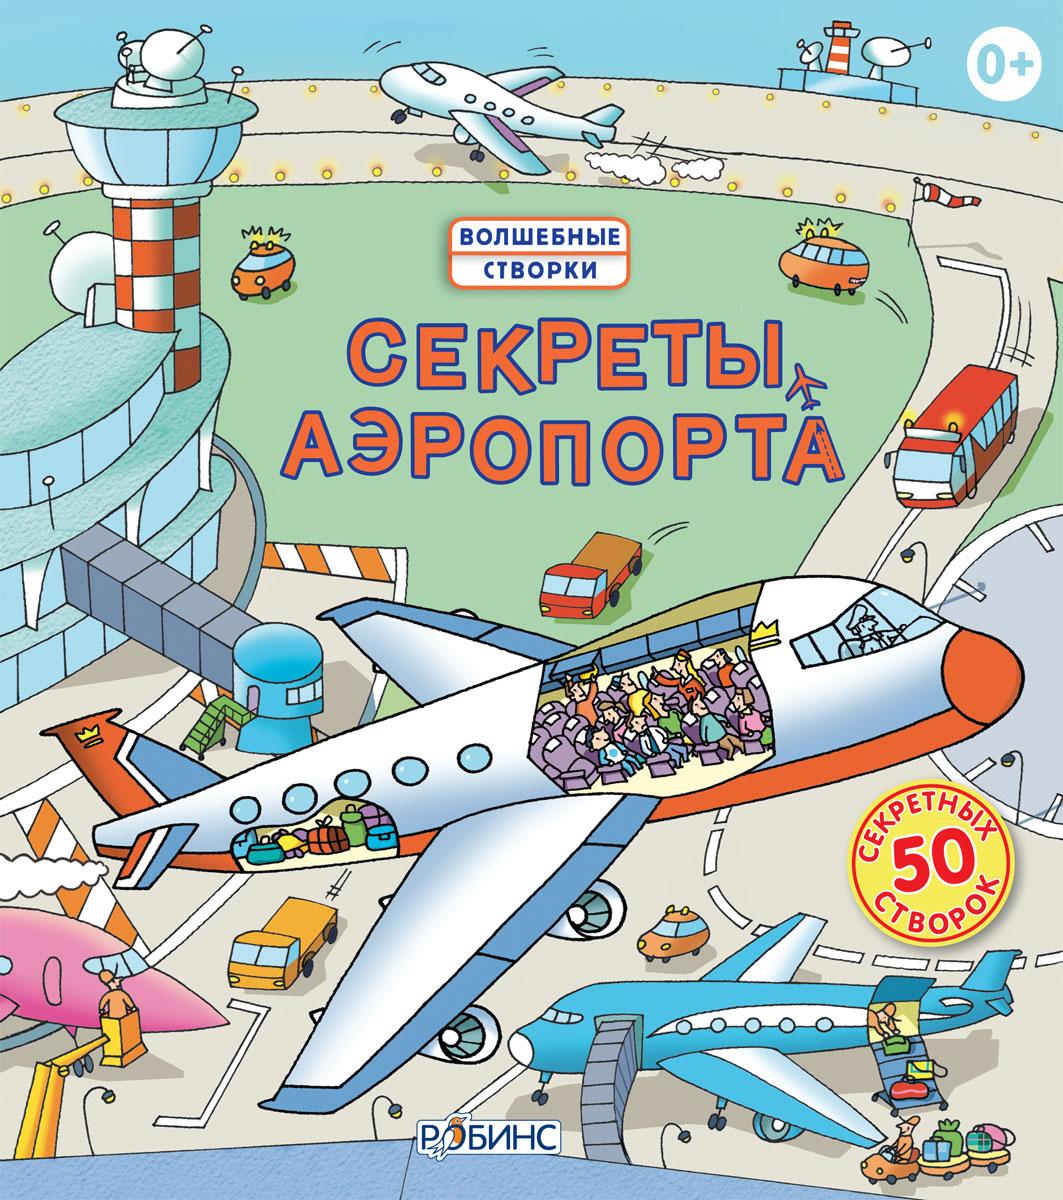 Секреты аэропорта12296407Секреты аэропорта - потрясающая книга со множеством разнообразных створок подарит вашему малышу возможность побывать в шумном аэропорту, посмотреть, как самолёты взмывают в небо, и узнать много нового и интересного о них. Она прекрасно подойдёт для маленьких пальчиков и откроет юному читателю все секреты аэропорта! Серия Книги с секретами - книги, в которых содержание и внешний вид - произведение искусства, уникальный энциклопедический познавательный материал в ярких иллюстрациях. Каждая страничка в этих книгах - практически ручная работа! В чем особенность книги: - Книга входит в серию Книга с секретами. - Стильные и яркие картинки развивают вкус и эстетическое восприятие. - Книга сделана из толстого, качественного картона! - В книге 50 секретных створок! - Книга способствует развитию логического мышления, внимания, речи, памяти, воображения и мелкой моторики. - На каждой странице книги большие яркие картинки! Все мы любим...